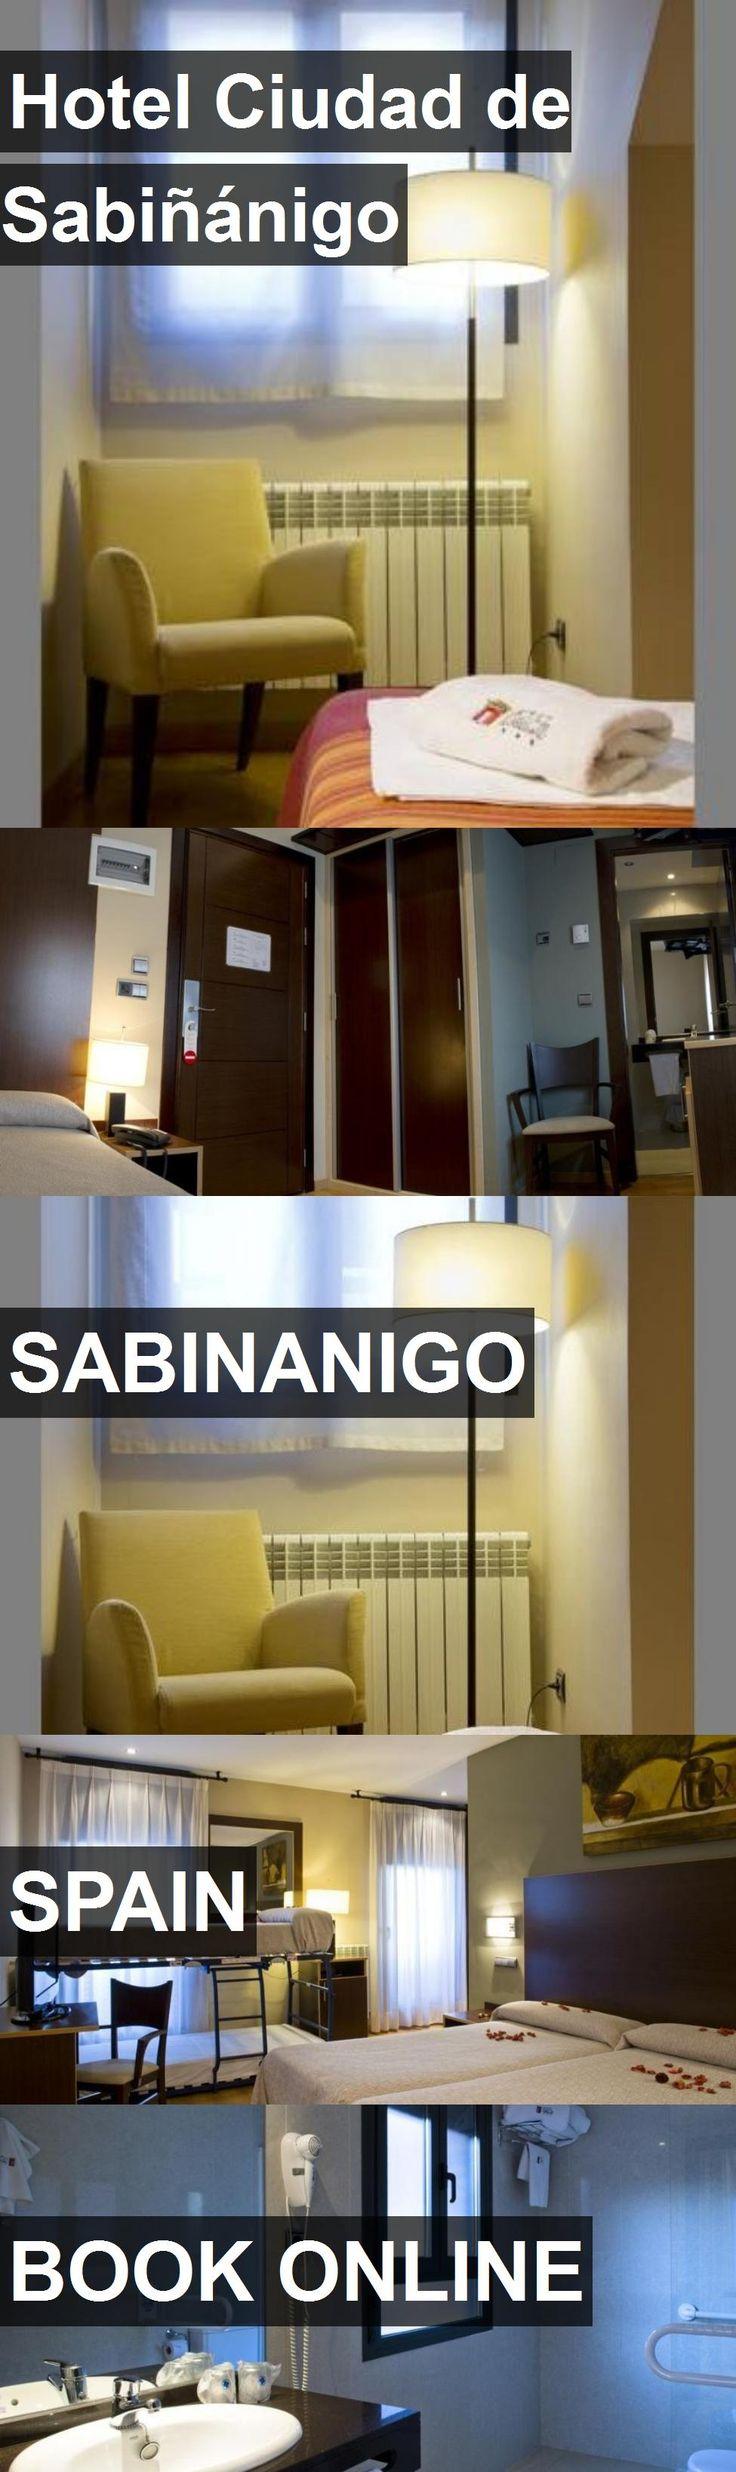 Hotel Ciudad de Sabiñánigo in Sabinanigo, Spain. For more information, photos, reviews and best prices please follow the link. #Spain #Sabinanigo #travel #vacation #hotel